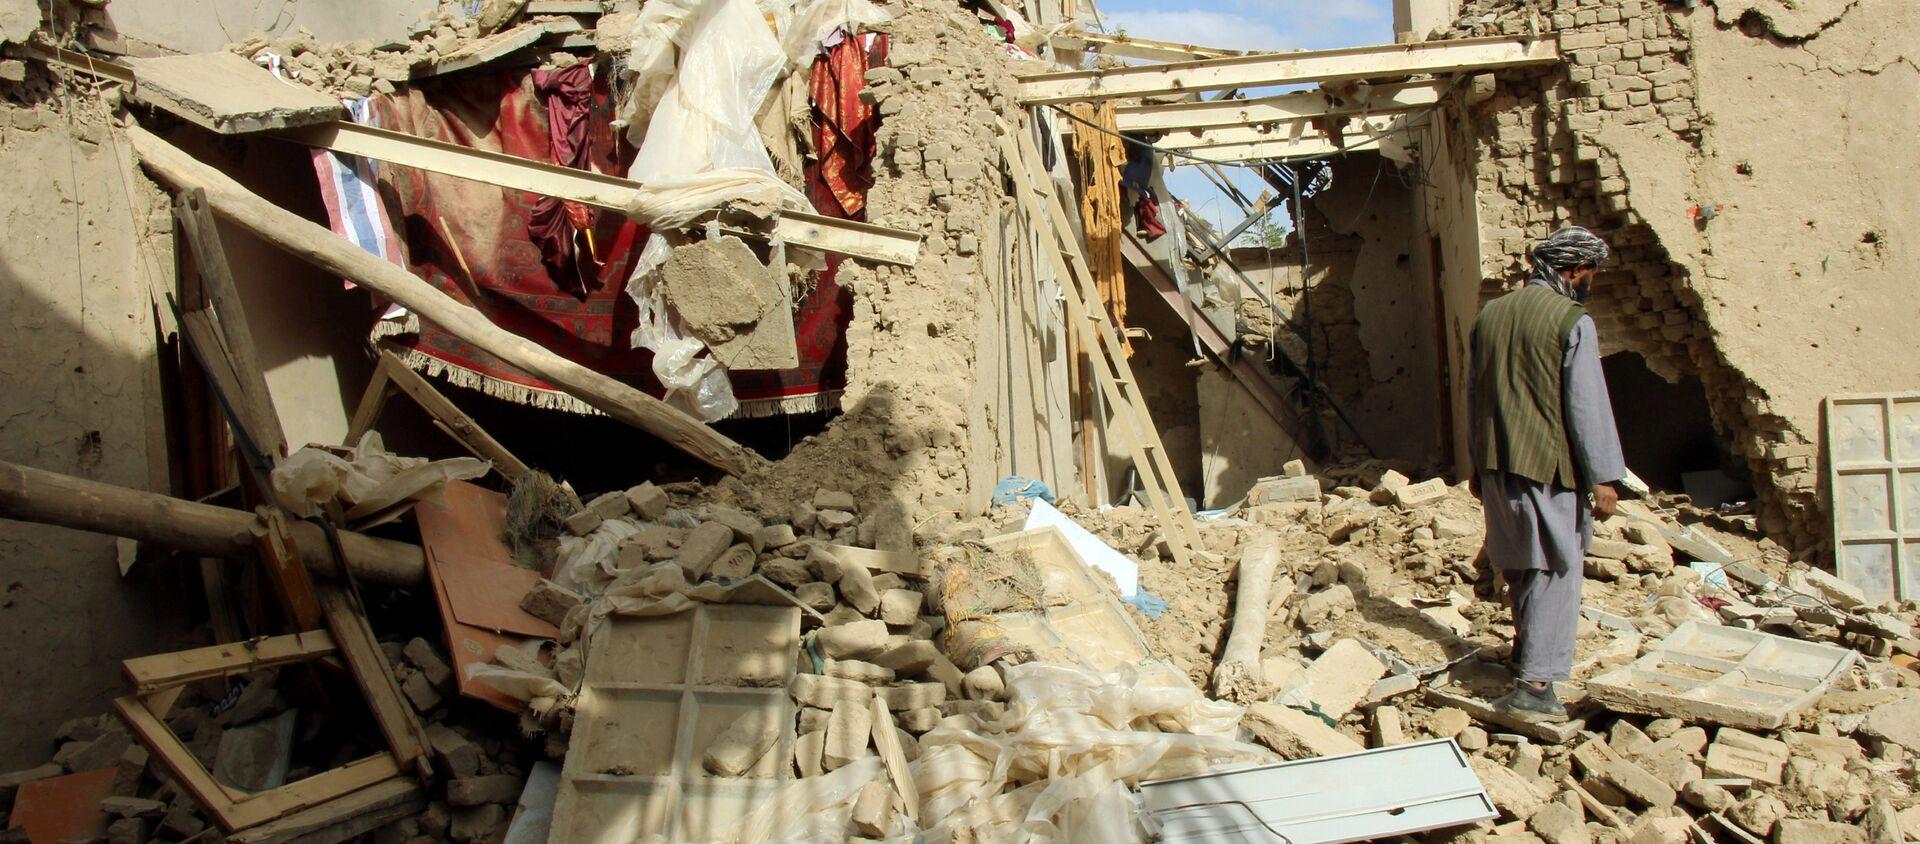 Casa distrutta in un bombardamento in Afghanistan - Sputnik Italia, 1920, 11.11.2016